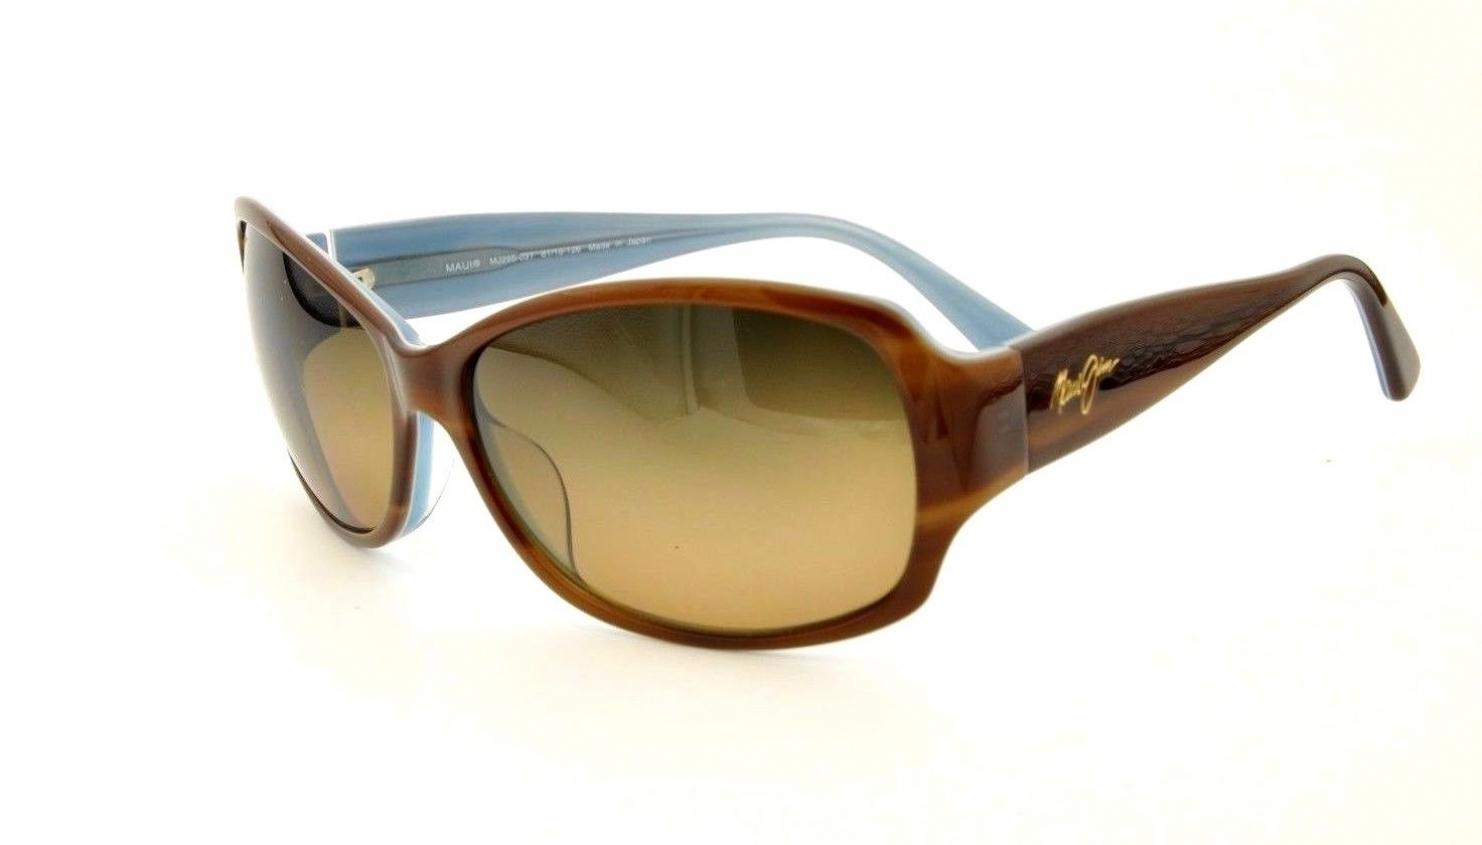 c02451bcd763 Maui Jim Nalani 295 Sunglasses